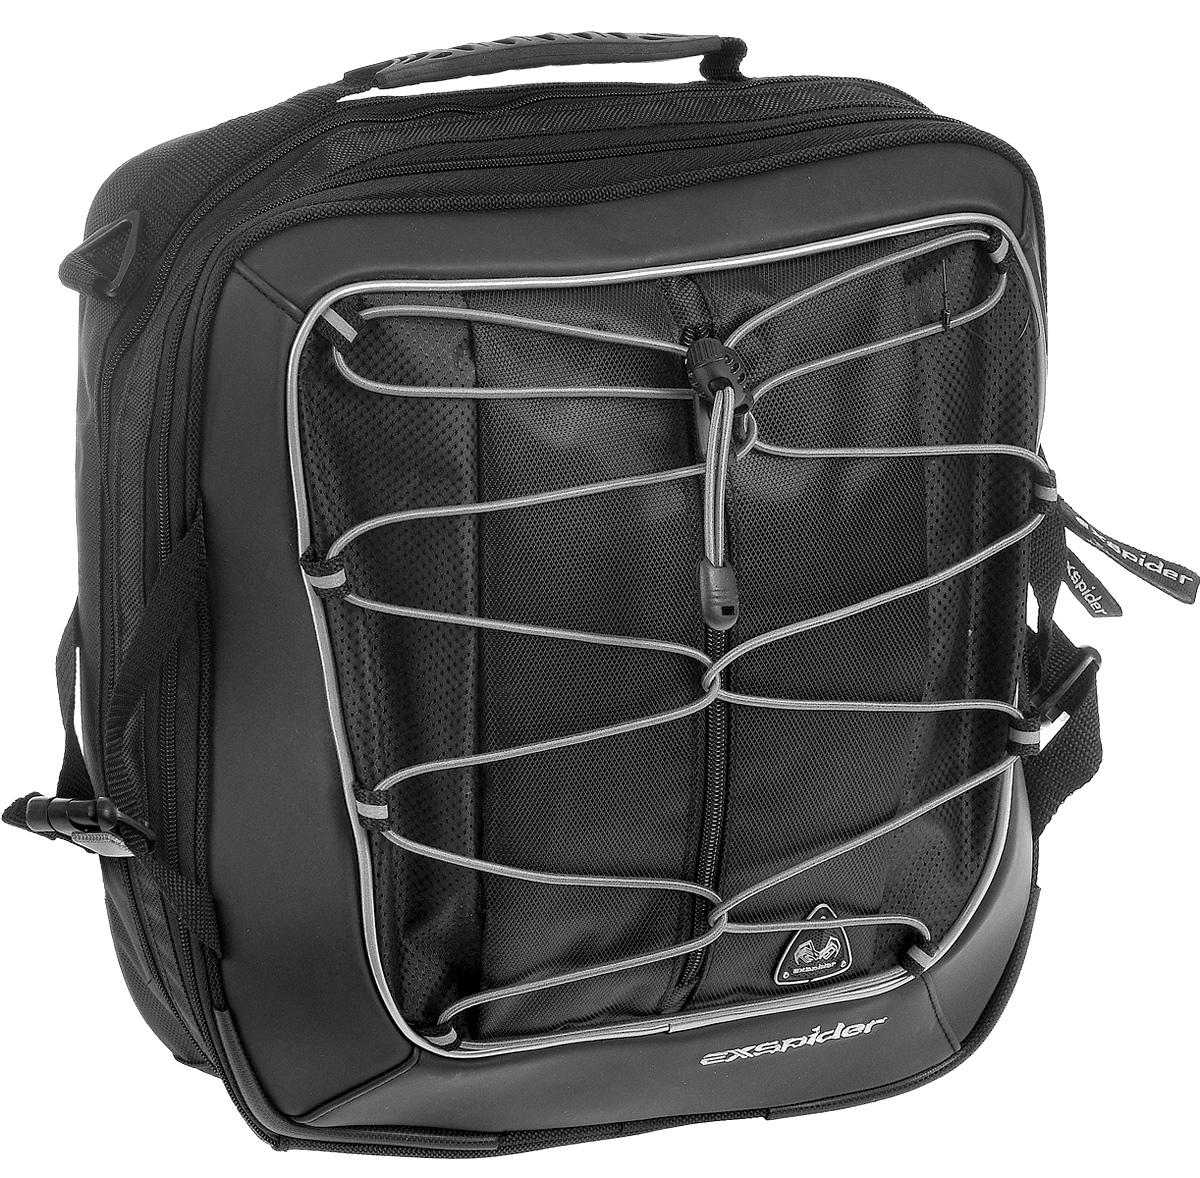 Сумка на багажник велосипеда EXspider, 33 х 38 х 8-13 смRivaCase 8460 blackУниверсальная сумка EXspider, выполненная из высококачественных материалов, крепится на багажник велосипеда, можно носить в руке или на плече. Она оснащена большим отделением с внутренним карманом и закрывается на застежку молнию. Эластичный шнур на внешней стенке позволяет закрепить другую небольшую сумку, палатку, спальный мешок, шлем и многое другое. Такая сумка может вместить одежду, книги и другие необходимые вещи. Изделие снабжено эргономичной ручкой и плечевым регулируемом ремнем. Светоотражающие вставки служат для лучшей заметности в темное время суток.